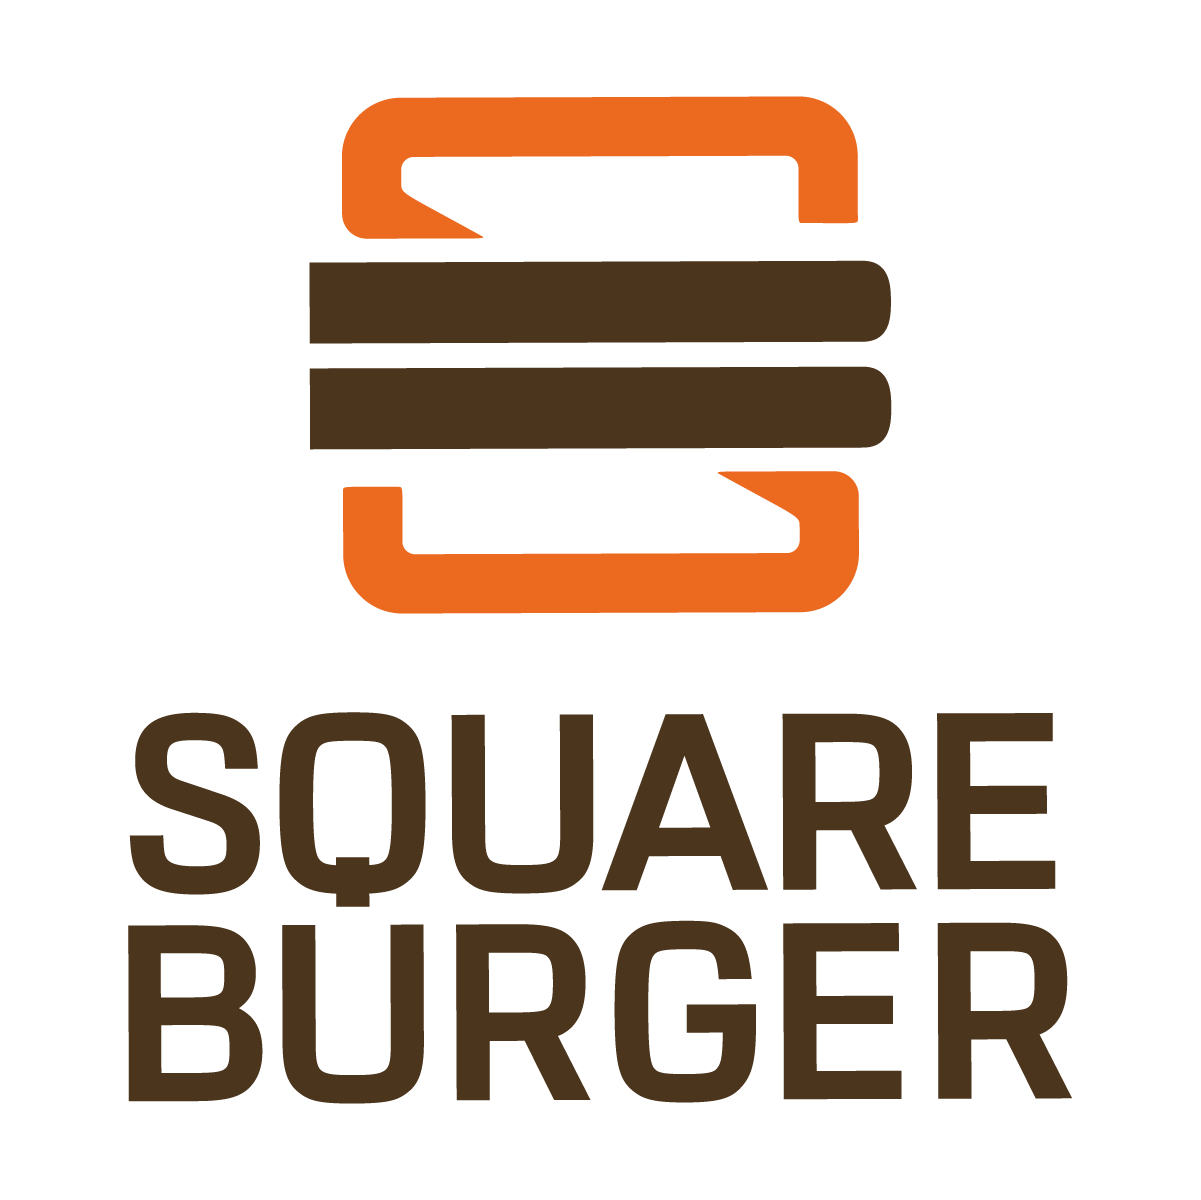 Square Burger vertical lockup